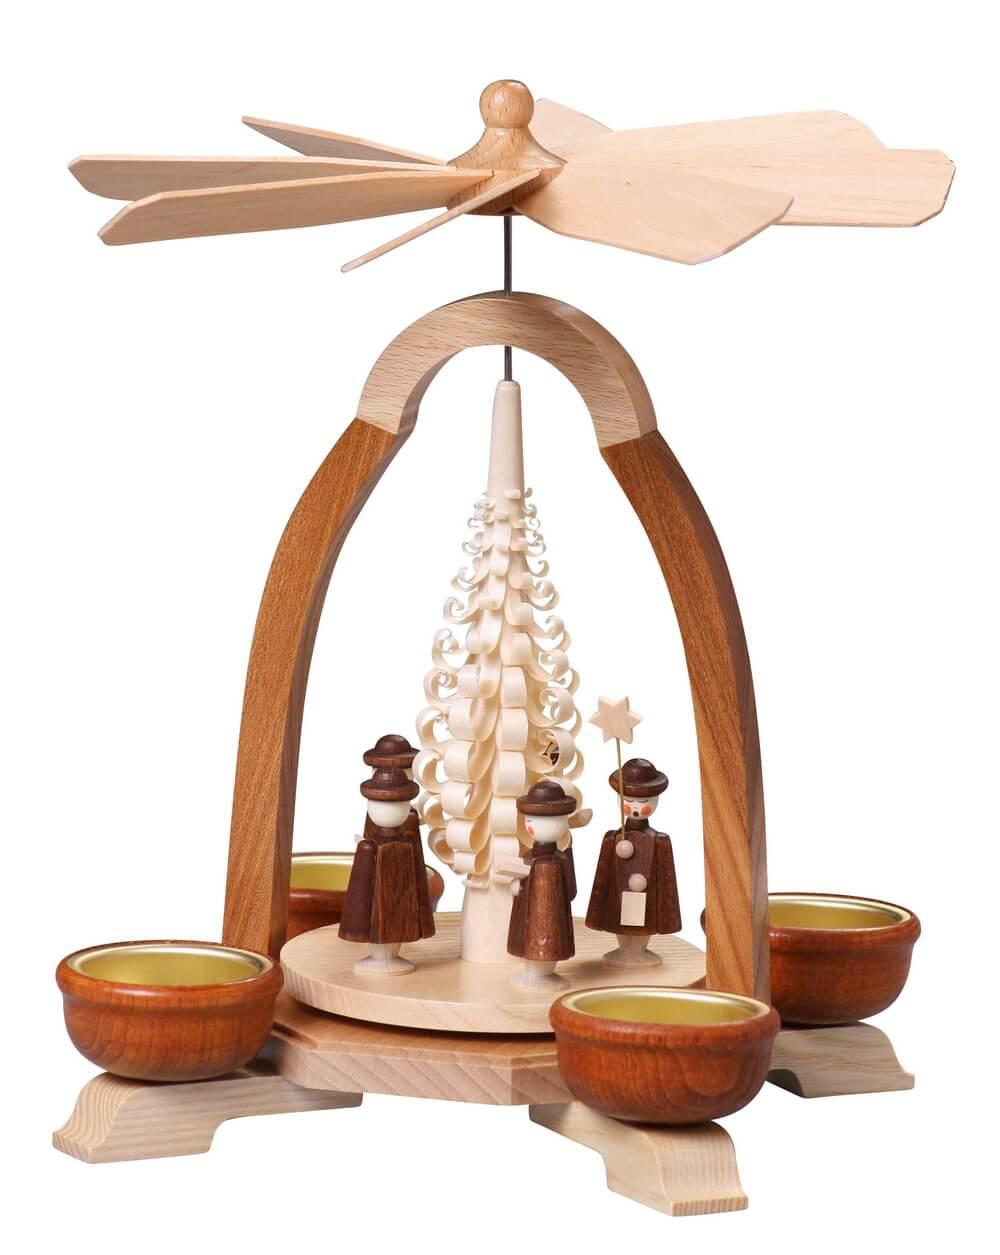 Teelicht-Pyramide mit Kurrende, 24 cm von Thomas Preißler